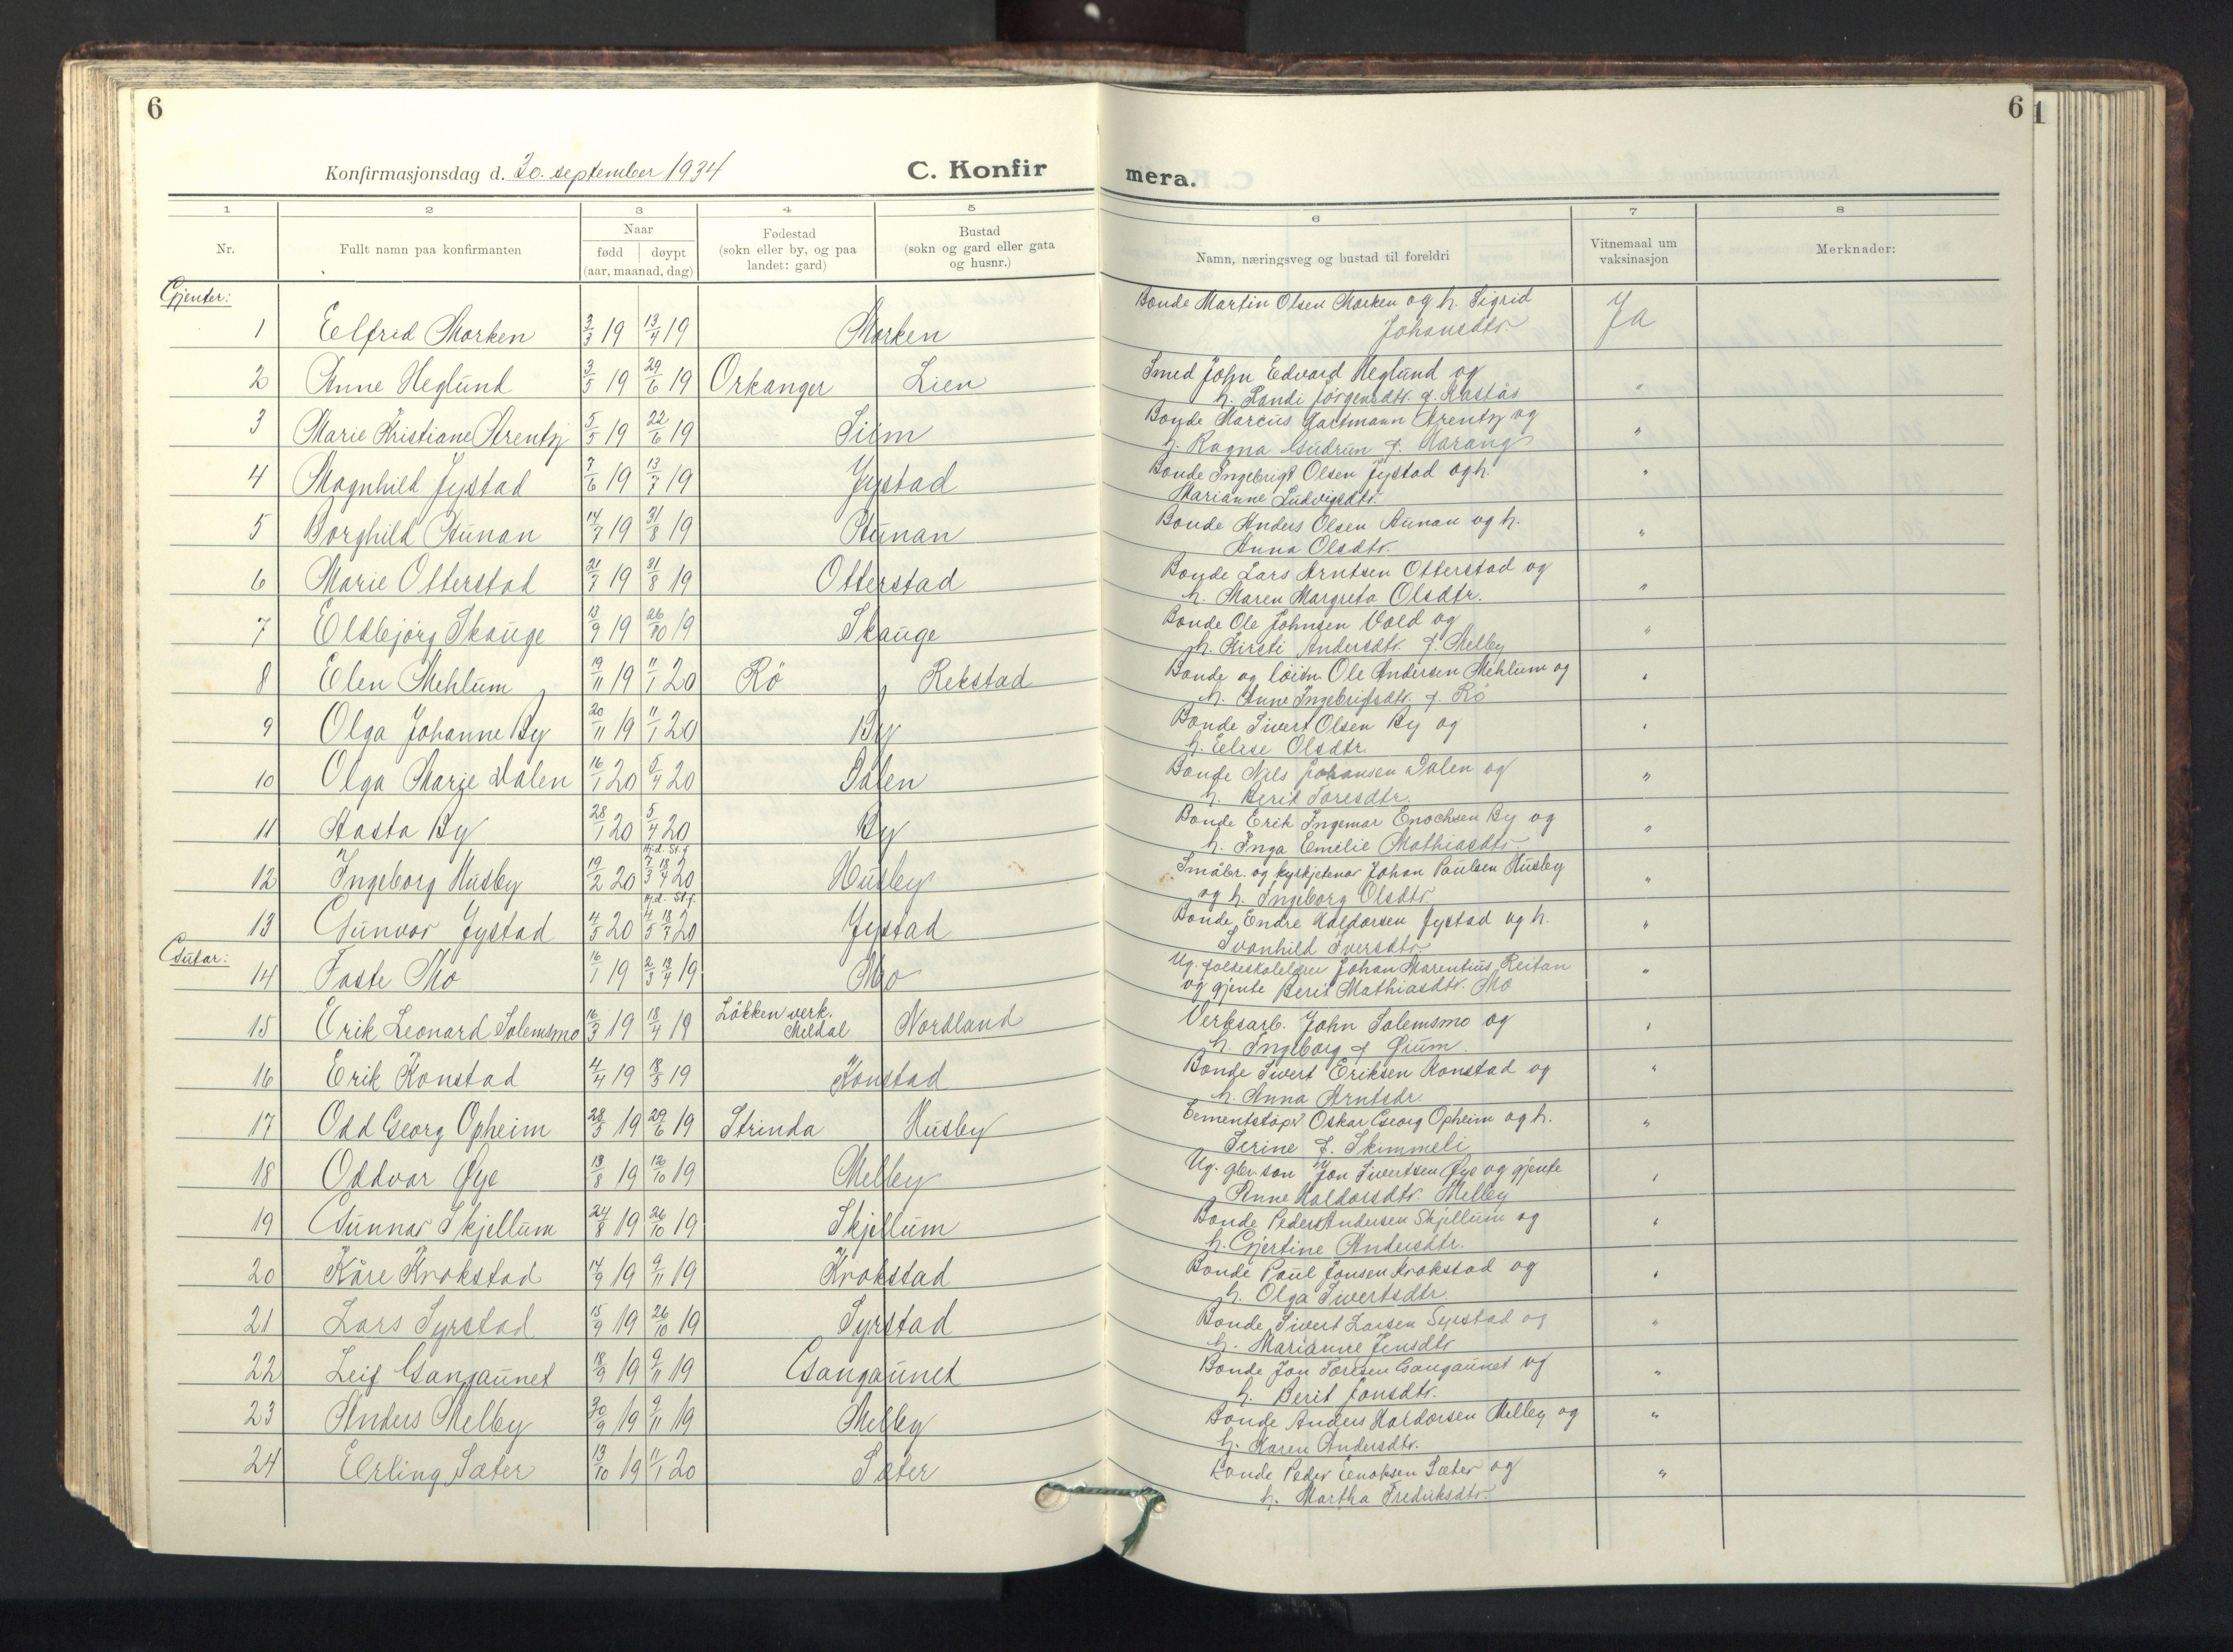 SAT, Ministerialprotokoller, klokkerbøker og fødselsregistre - Sør-Trøndelag, 667/L0799: Klokkerbok nr. 667C04, 1929-1950, s. 6